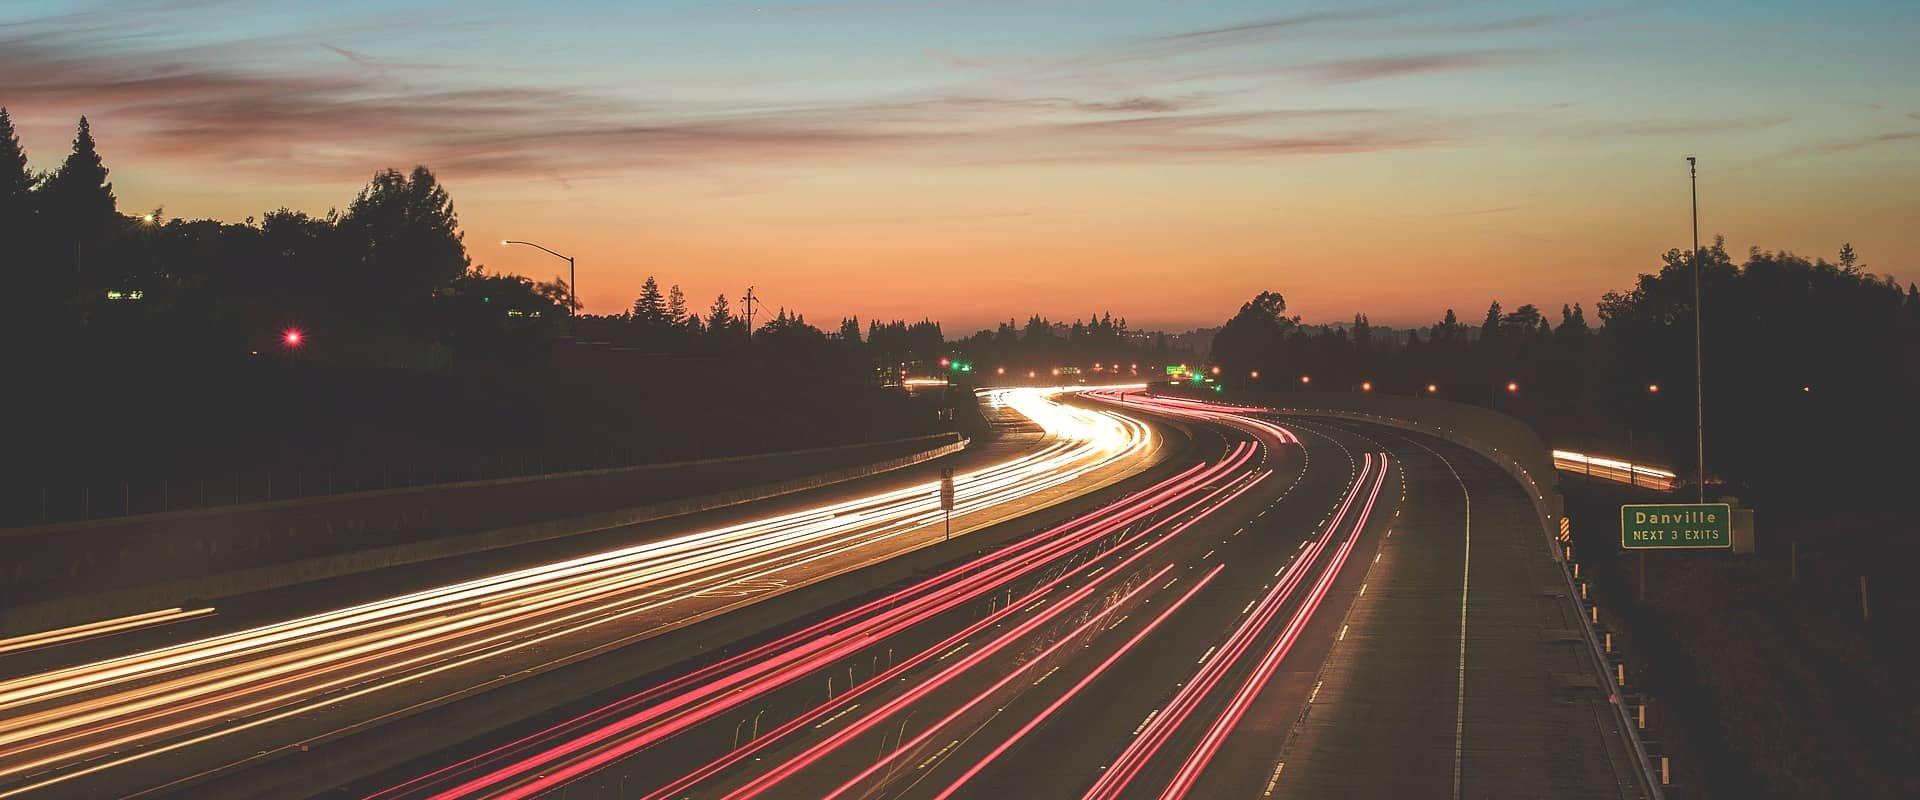 Mobile Fahrer App im Elektrogroßhandel